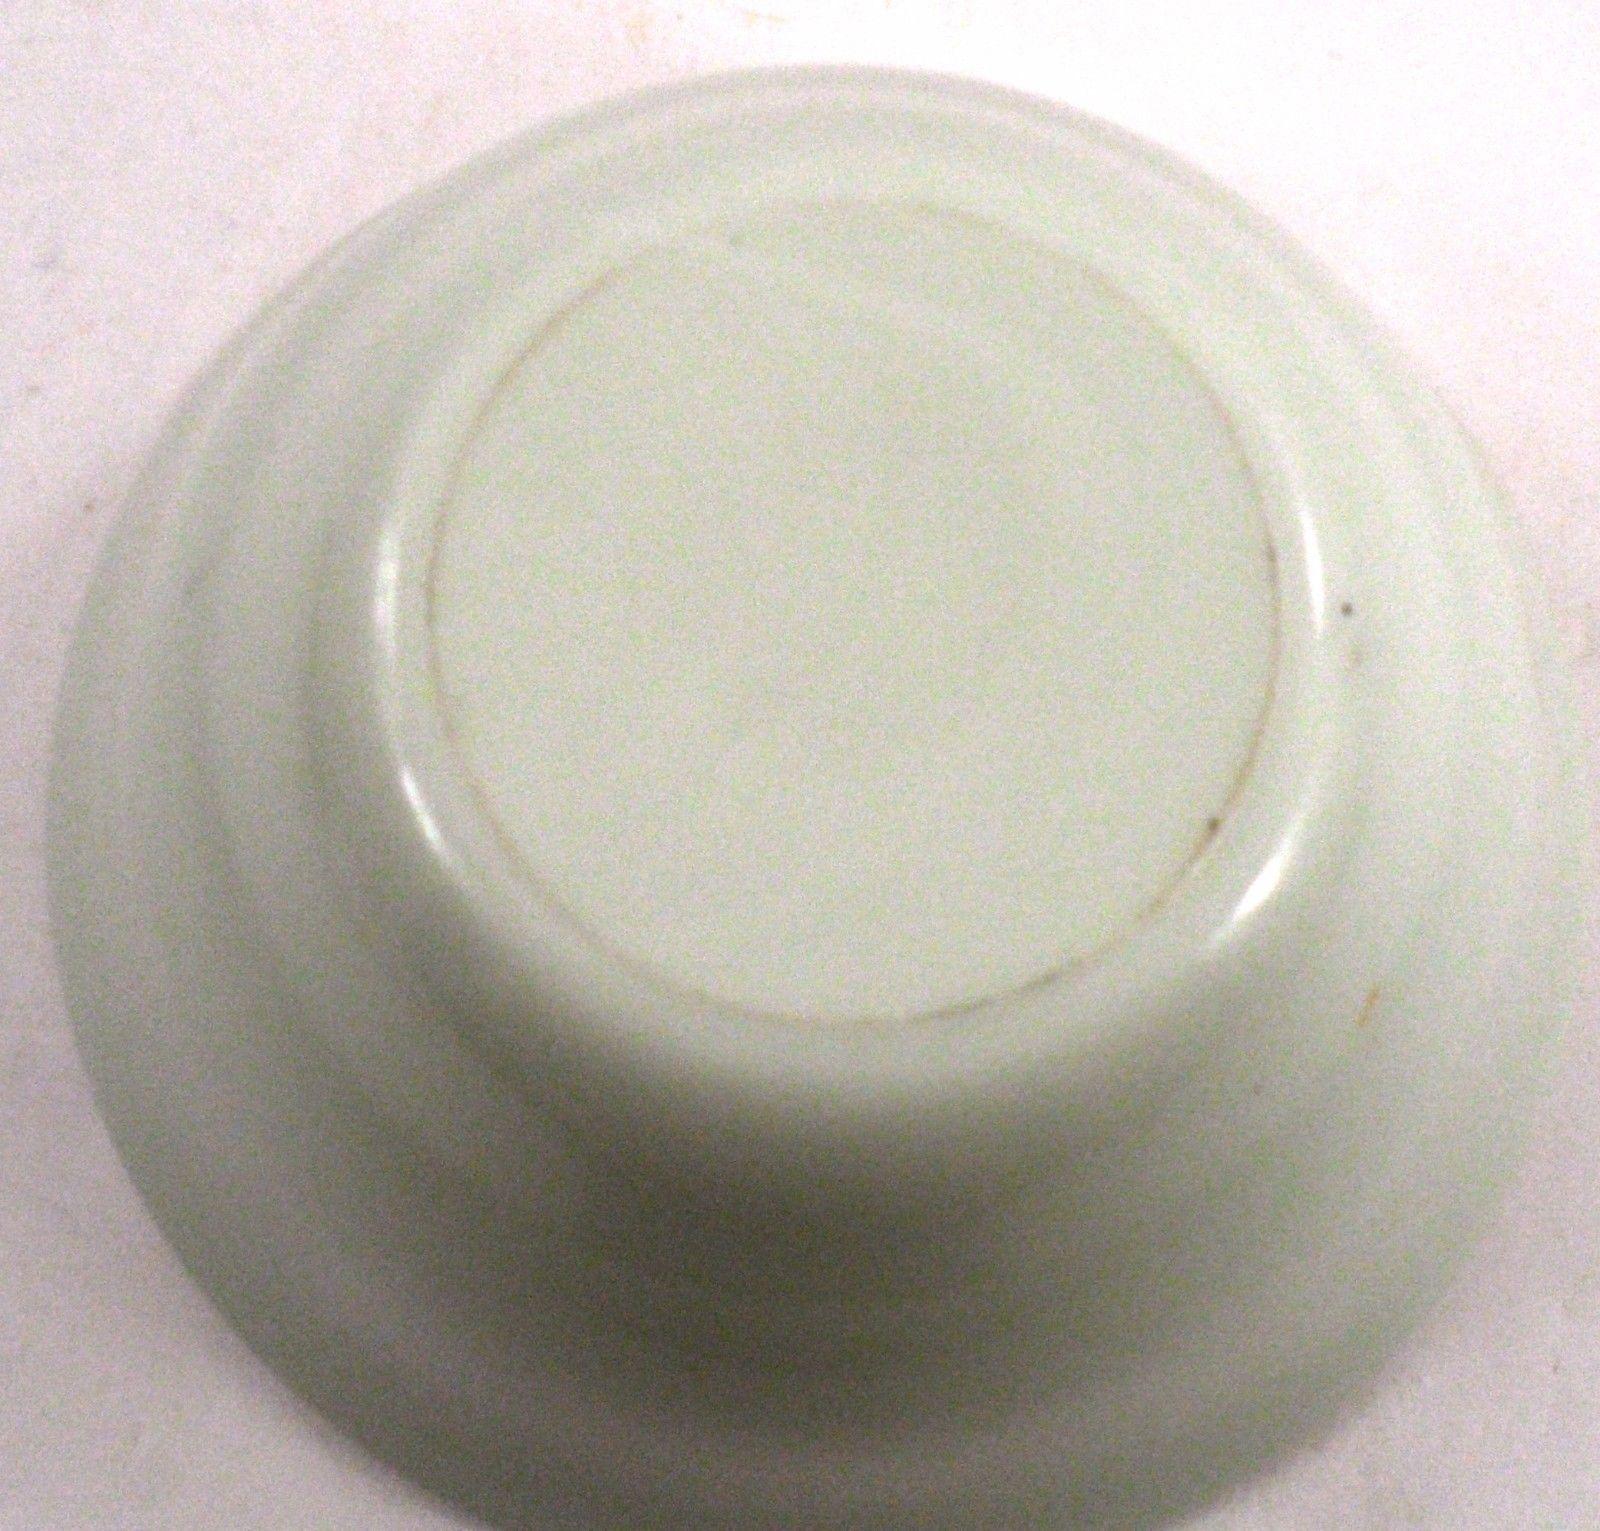 MINT Clean 1950s Era Becky Home-Ecky McKee Light Custard Glass Large Mixing Bowl